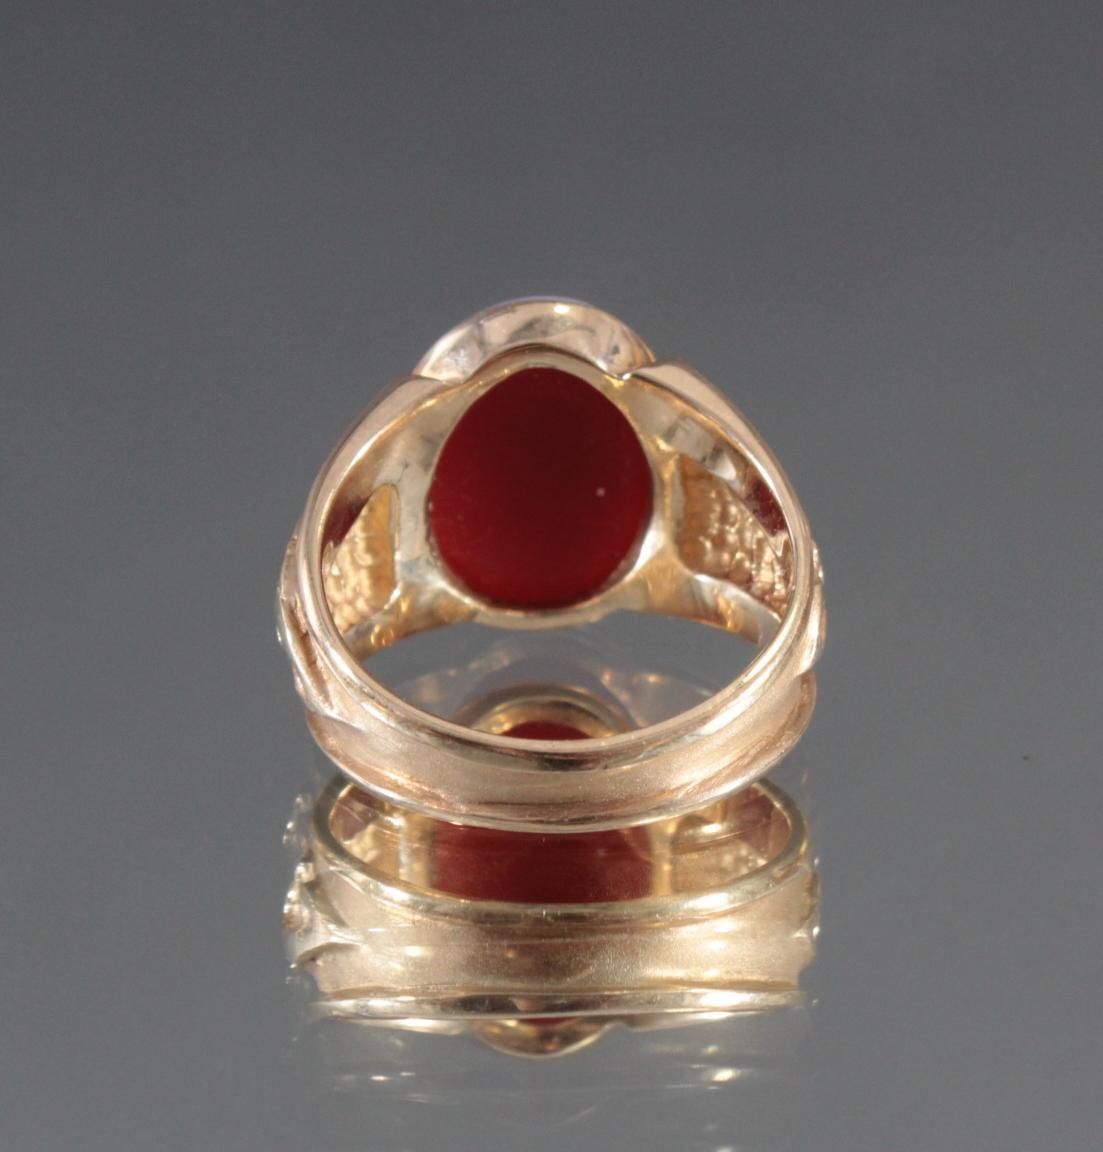 Damenring aus 8 Karat Gelbgold mit Gemme-4